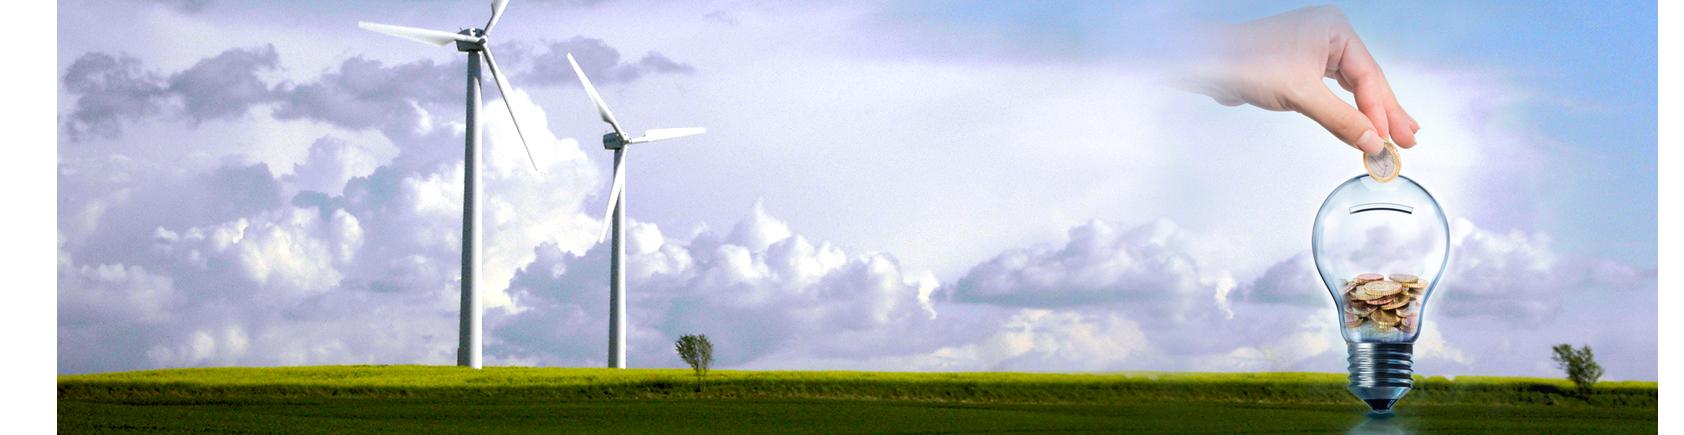 סייטק - פתרונות לחיסכון באנרגיה